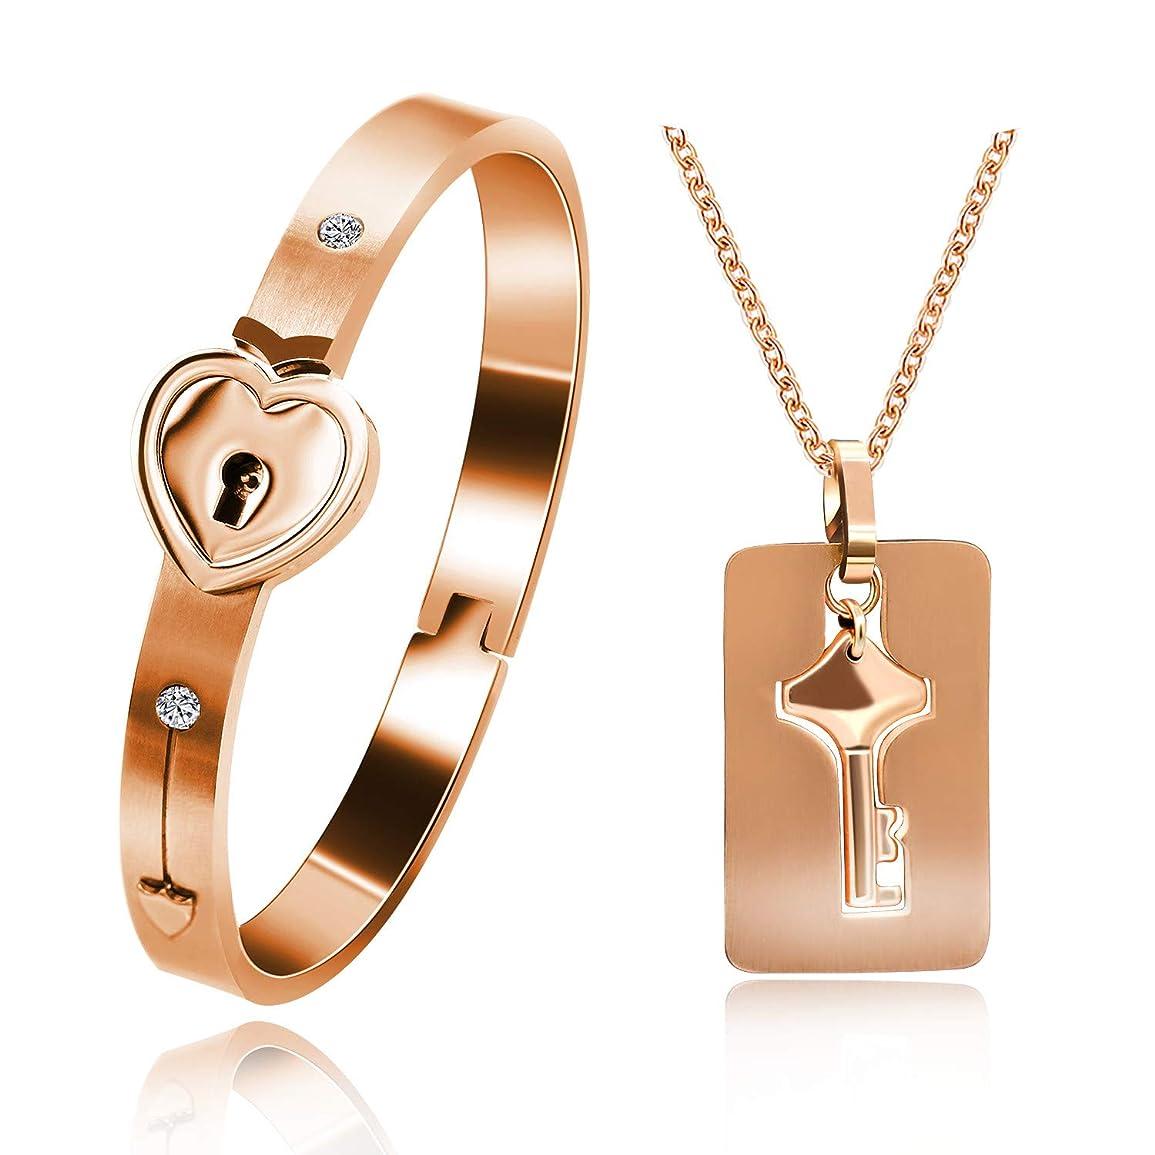 慈善男性リクルートUloveidoガールフレンドのボーイフレンド、ローズゴールドメッキチタンパズルカップルハートブレスレット、男性と女性のためのキーペンダントネックレス用のネックレスと一致するブレスレット